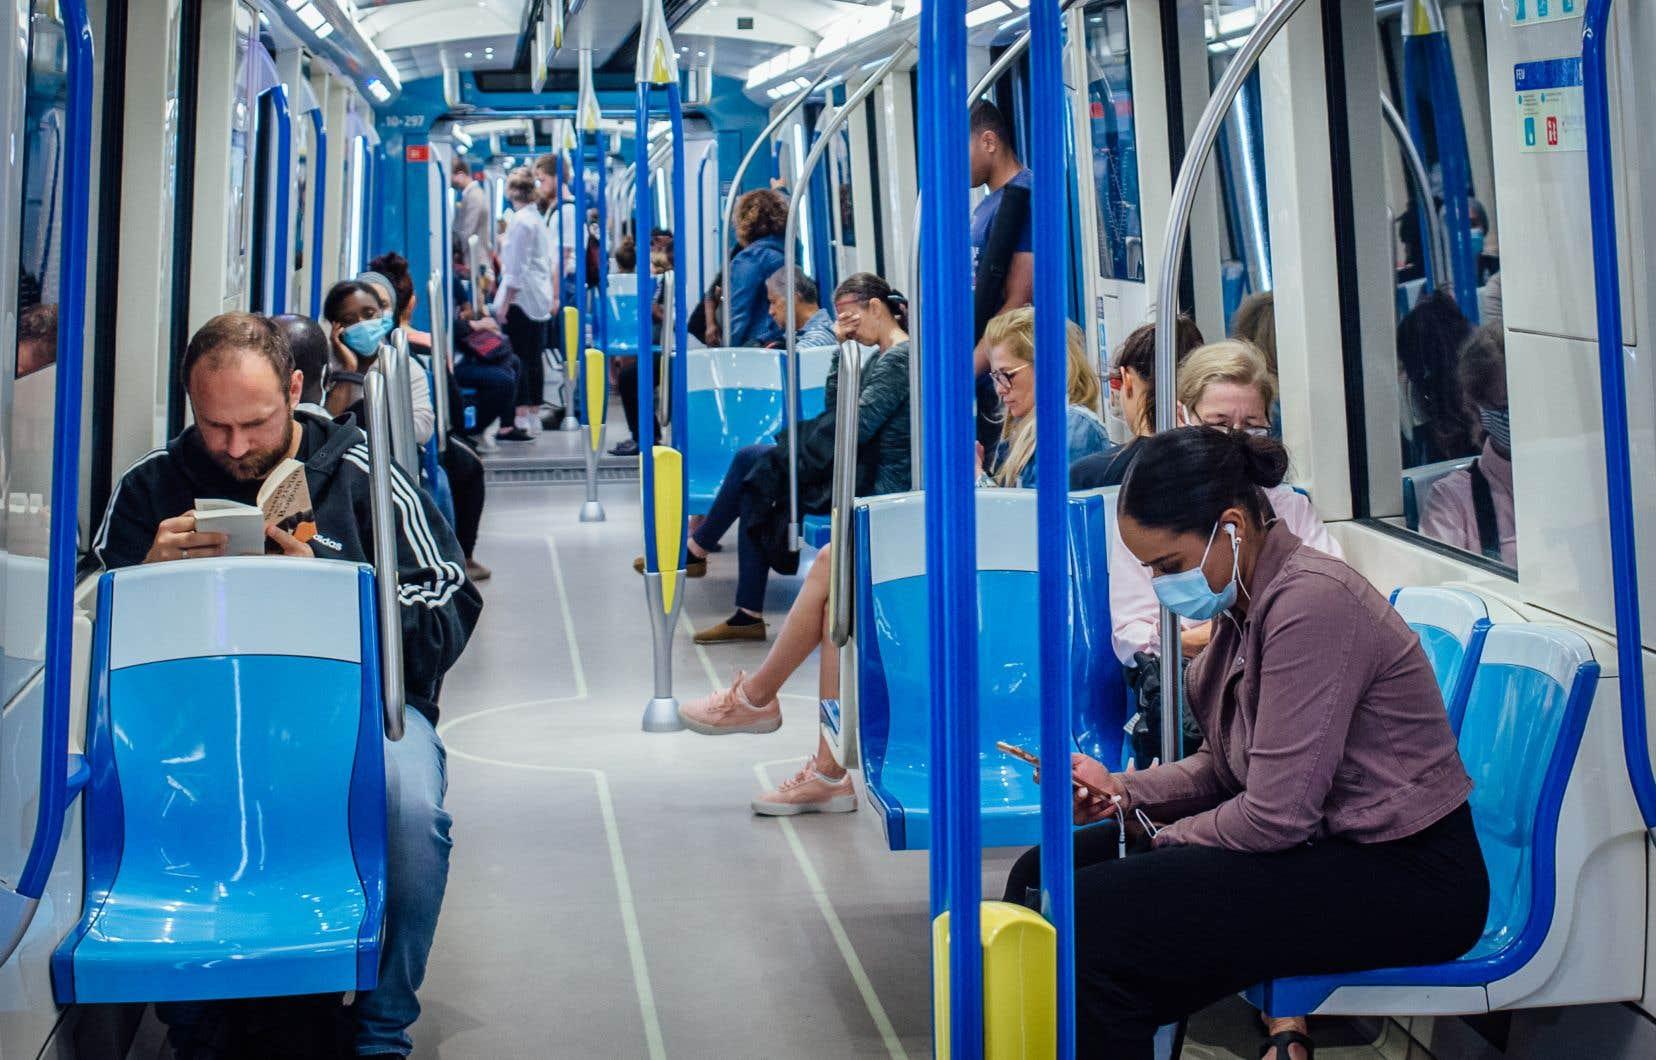 Le gouvernement a finalement décidé d'imposer le port du masque aux usagers des transports en commun. Le premier ministre François Legault en fera l'annonce mardi, à l'occasion d'une conférence de presse à Montréal.